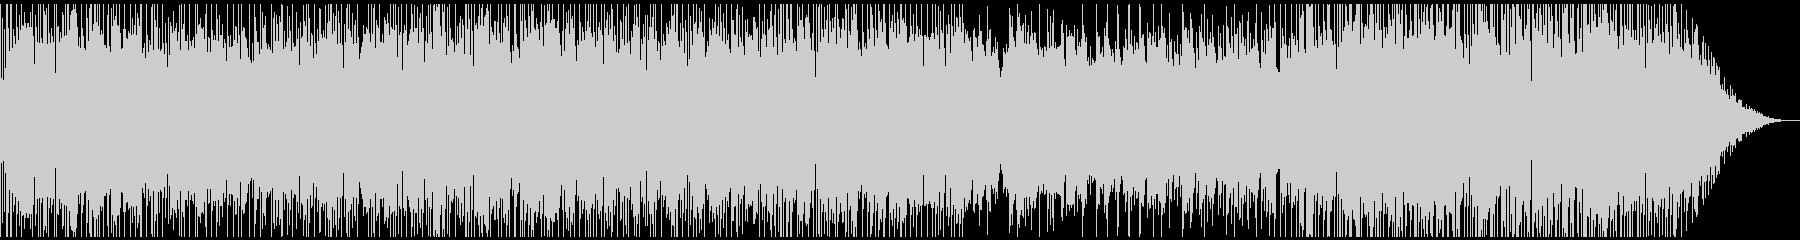 ピアノトリオの軽快なポップの未再生の波形